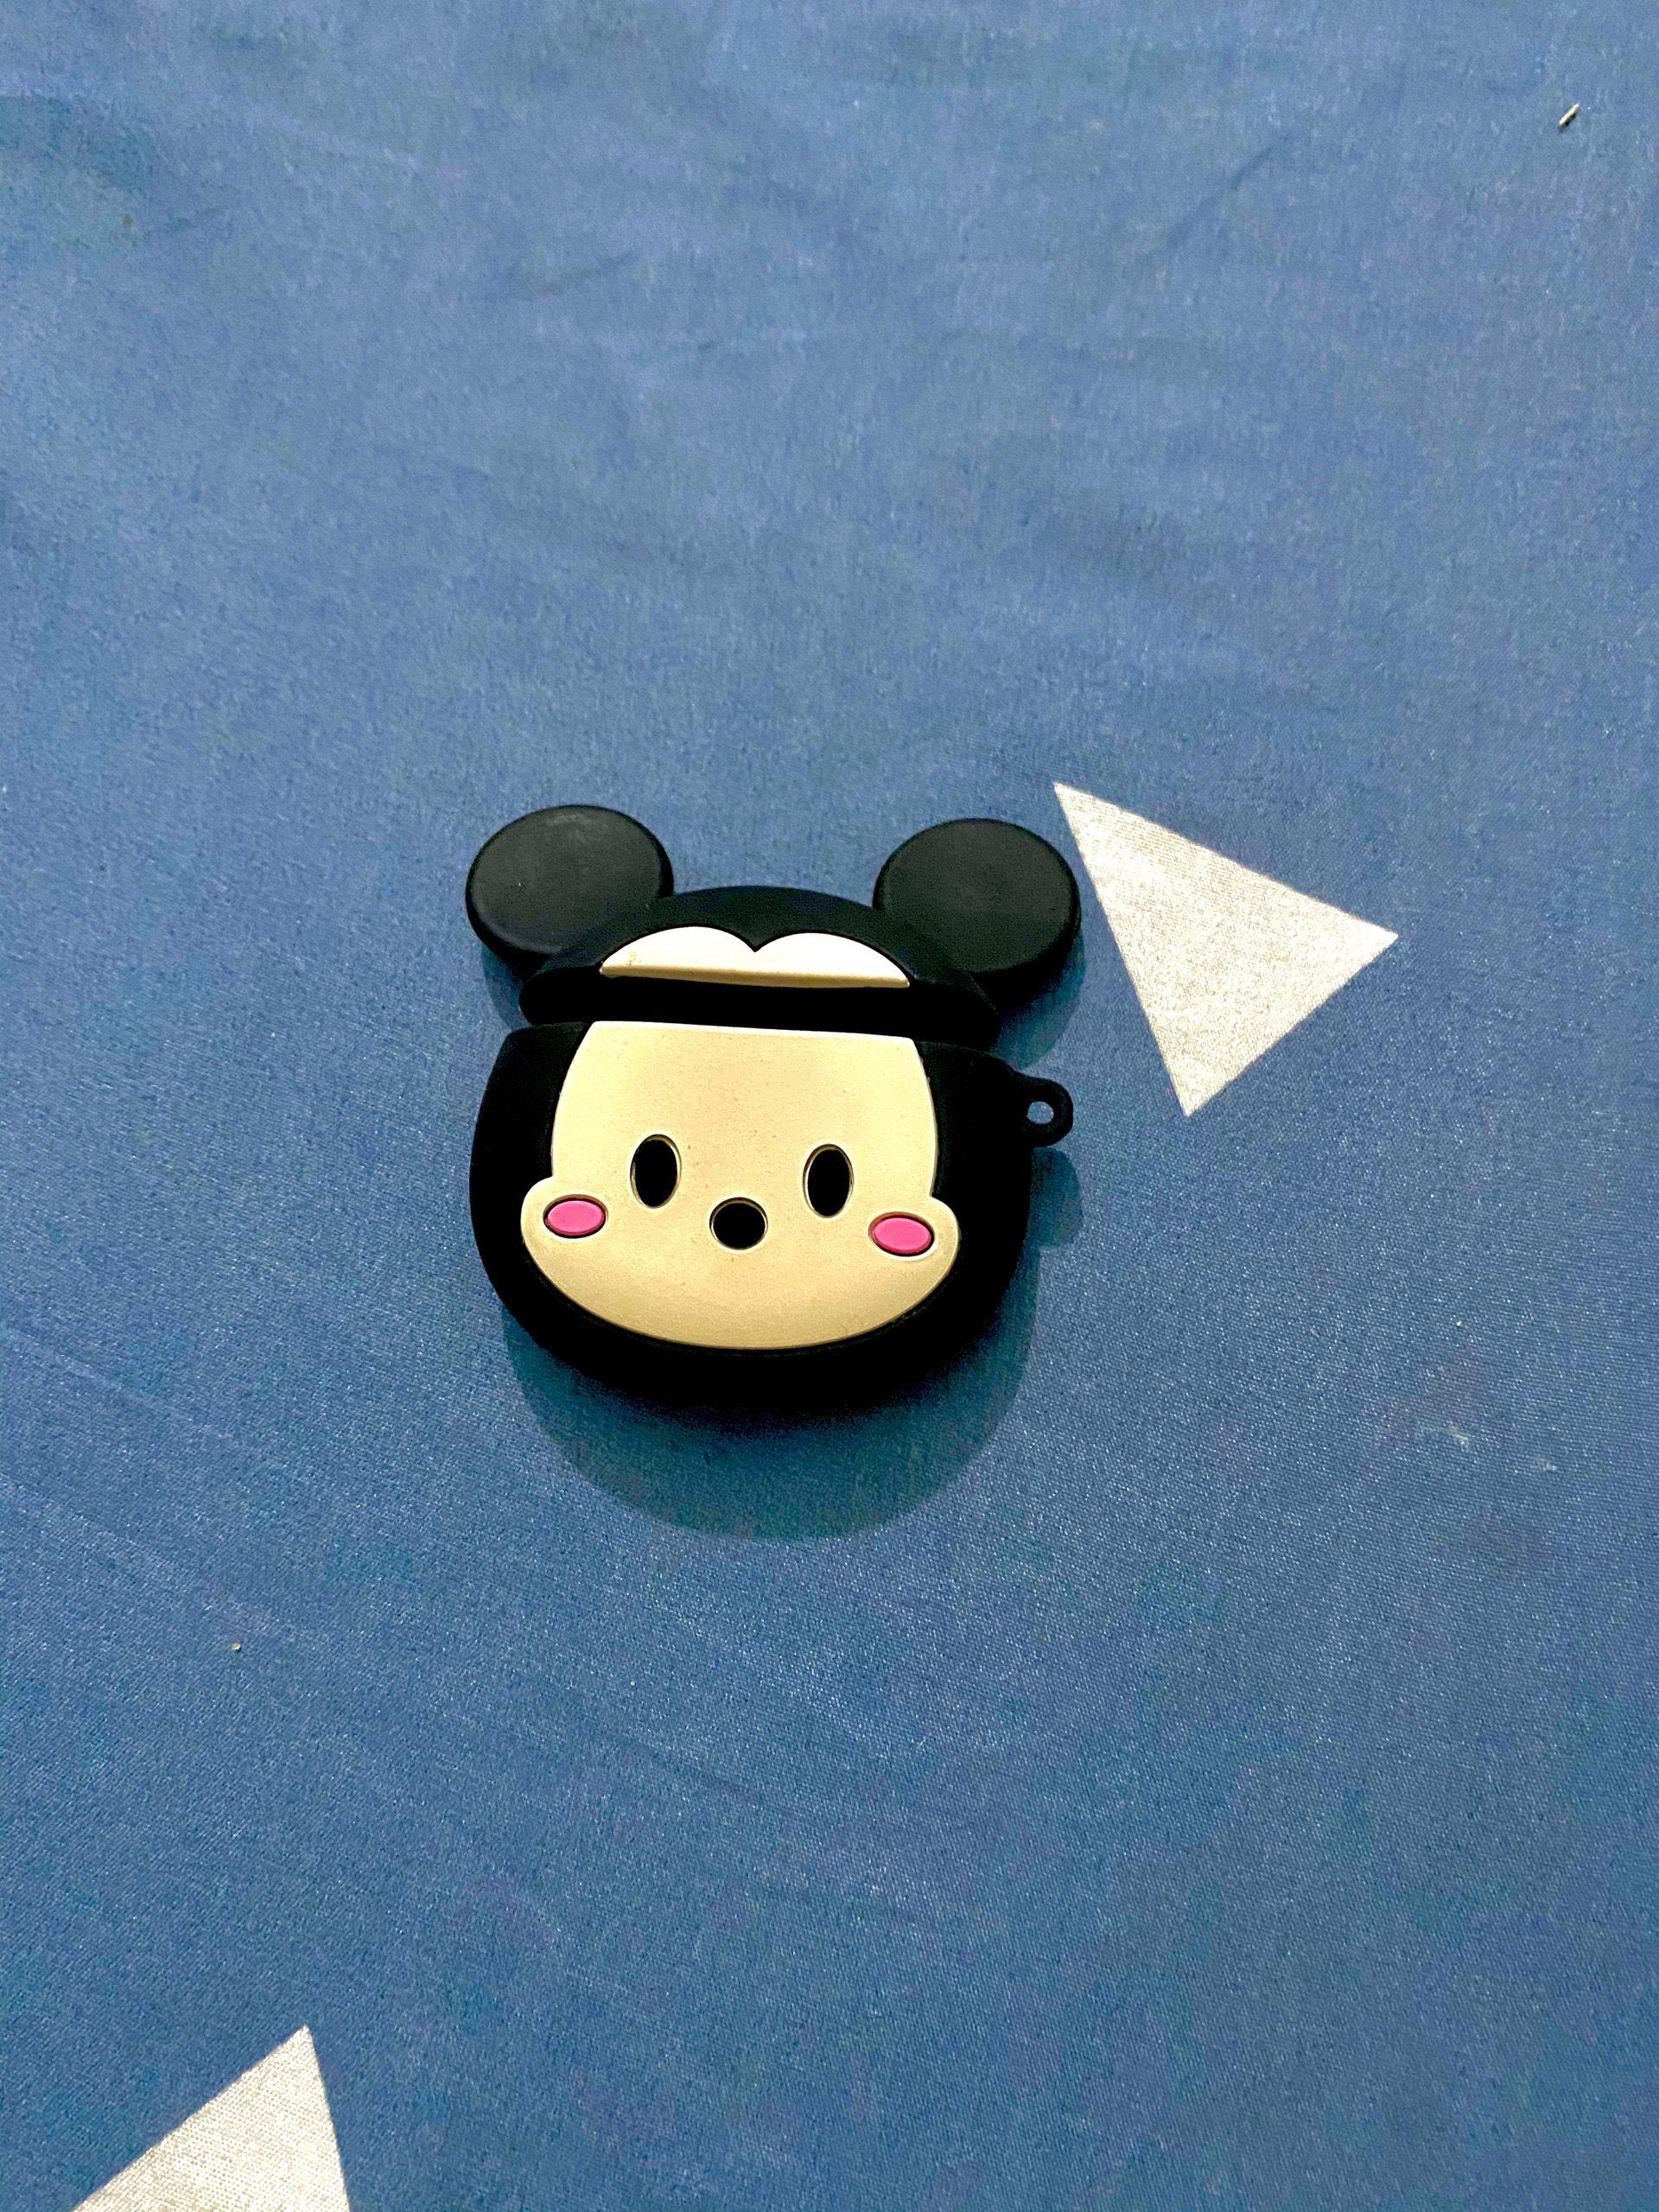 Vỏ Bảo Vệ Hộp Đựng Airpods 2 Bằng Silicon nhiều hình dễ thương